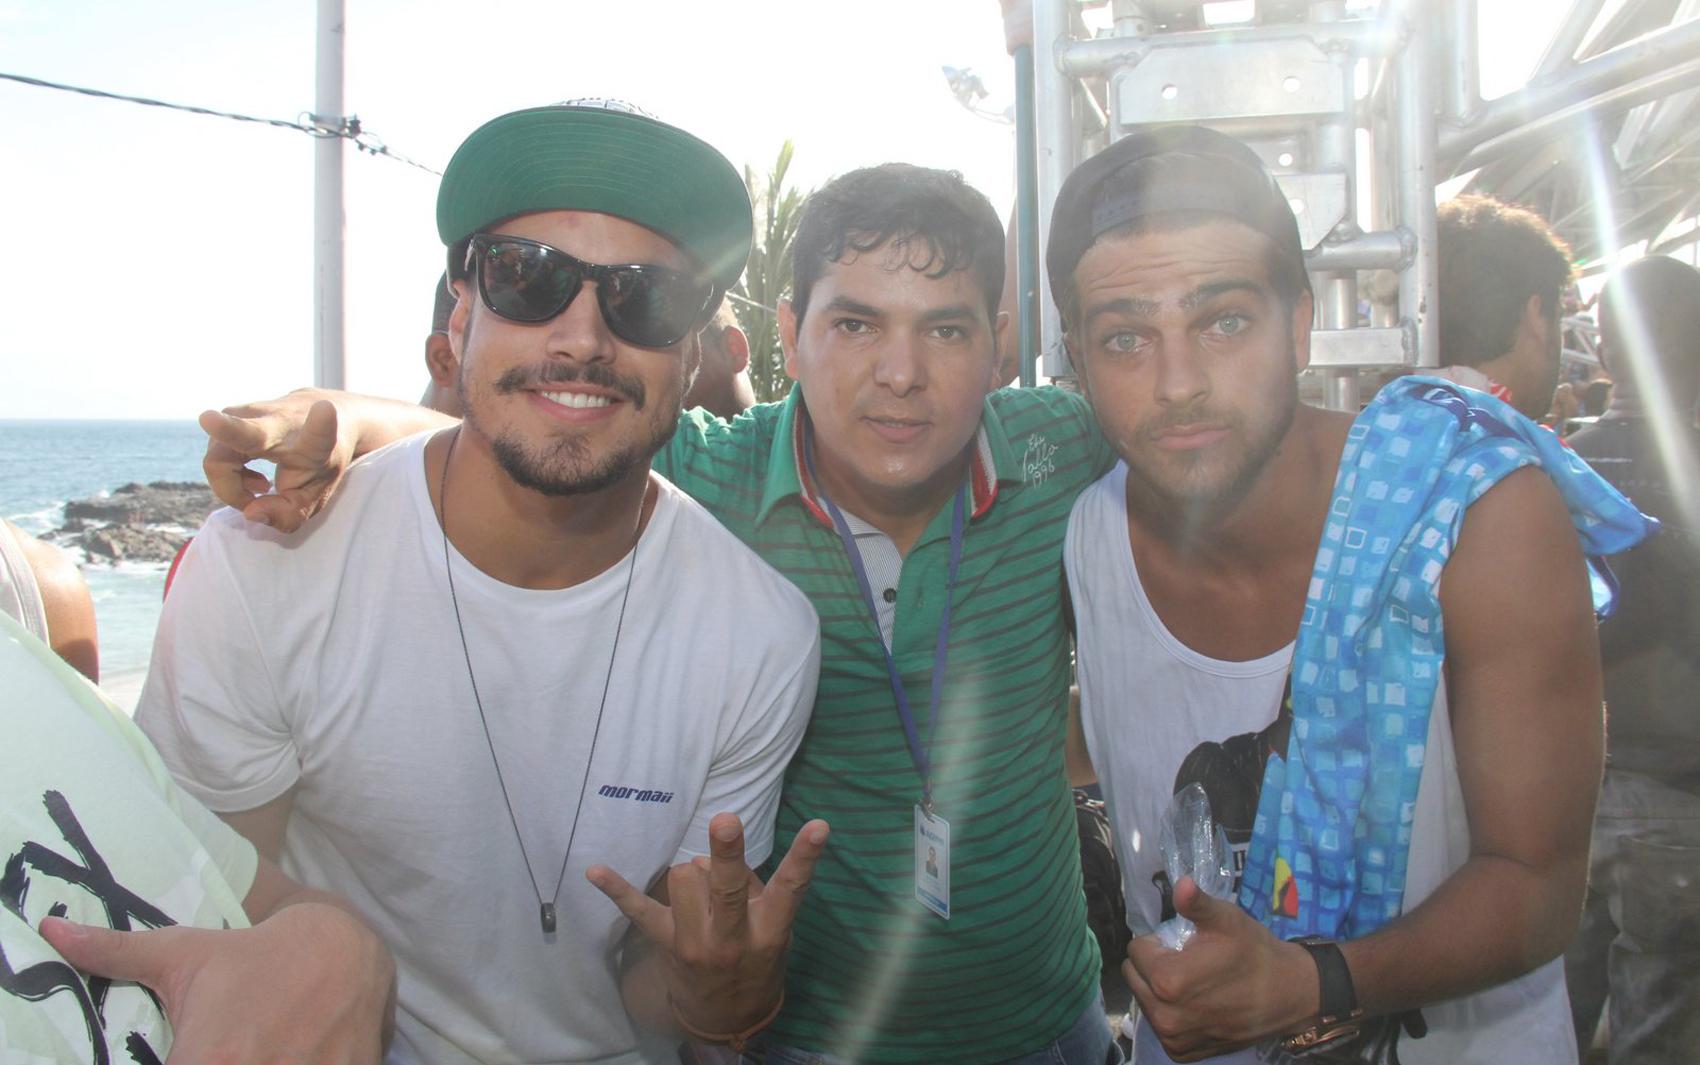 Os atores Caio Castro e Bernardo Mesquita posam para foto no trio da banda Cheiro de Amor no carnaval de Salvador